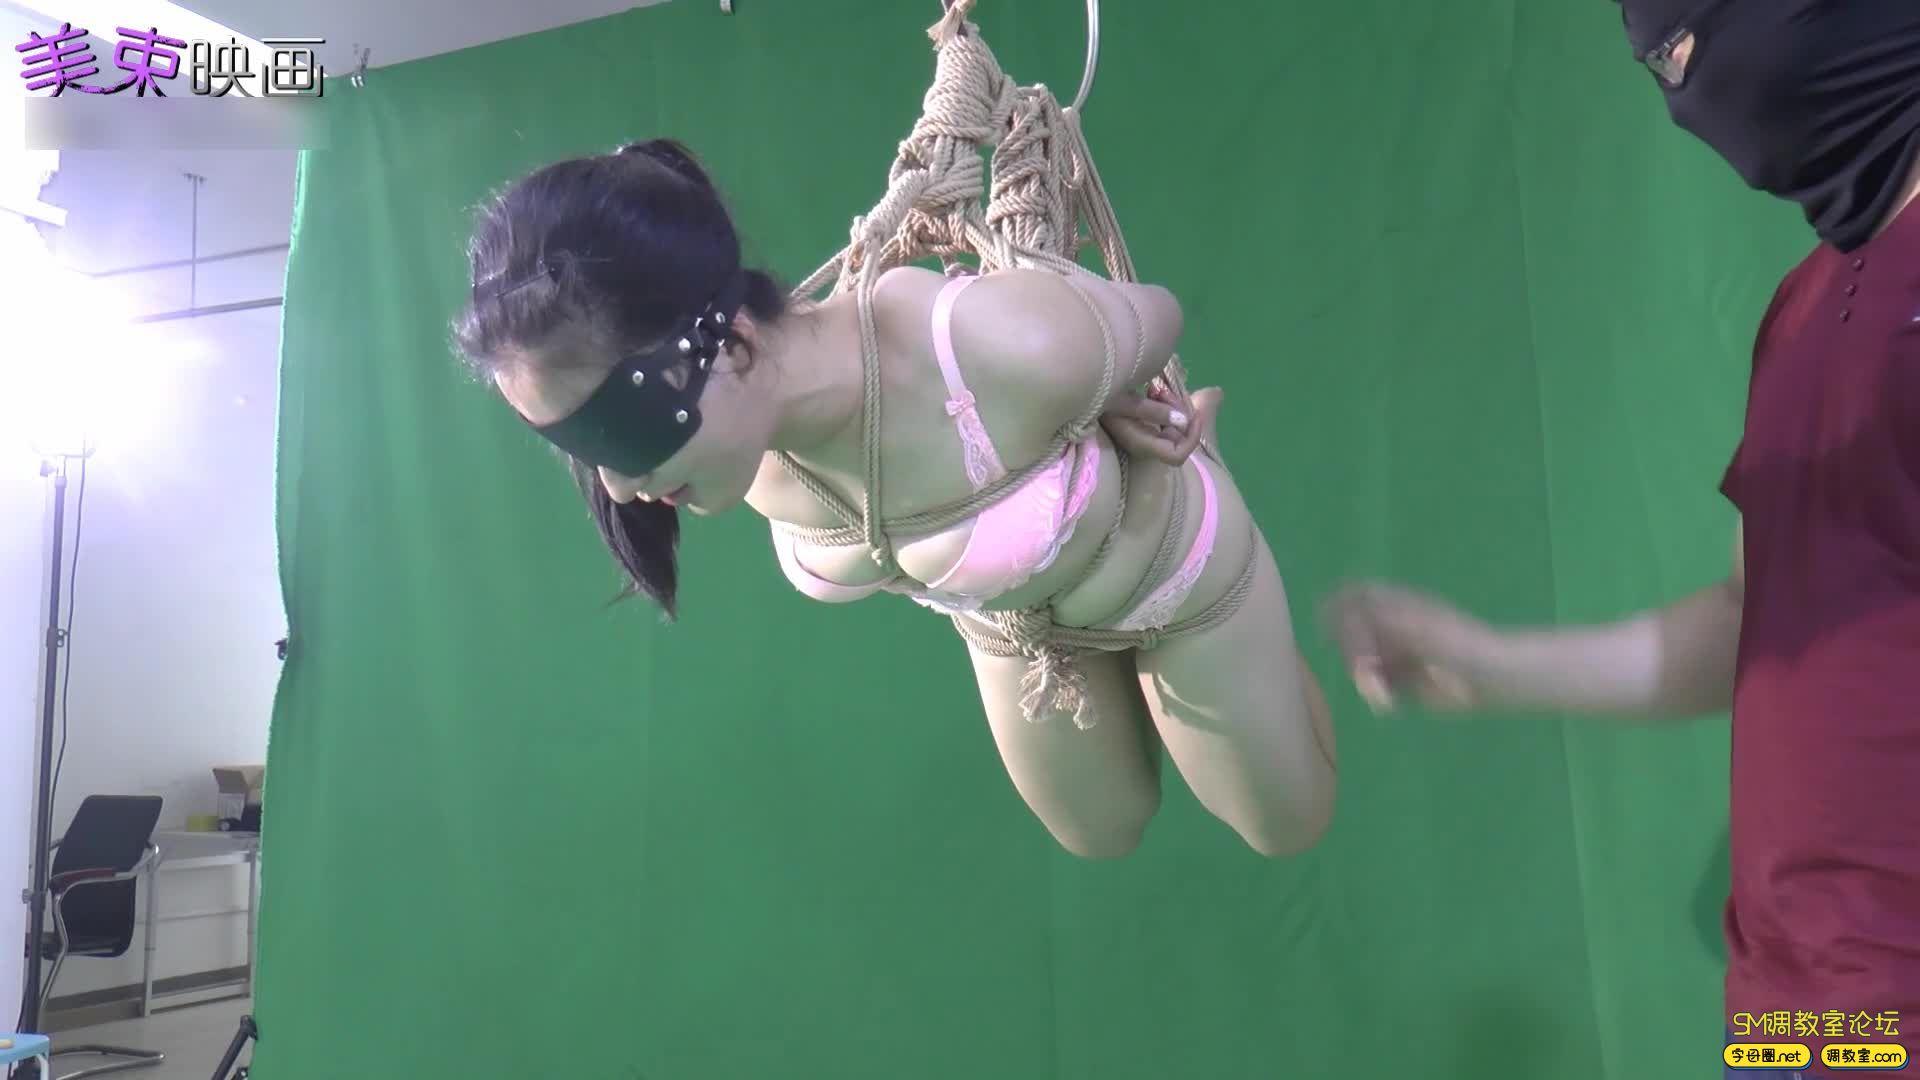 美束映画_00后嫩模再试绳艺  小萝莉的内衣吊缚 欧式驷马-视频截图4